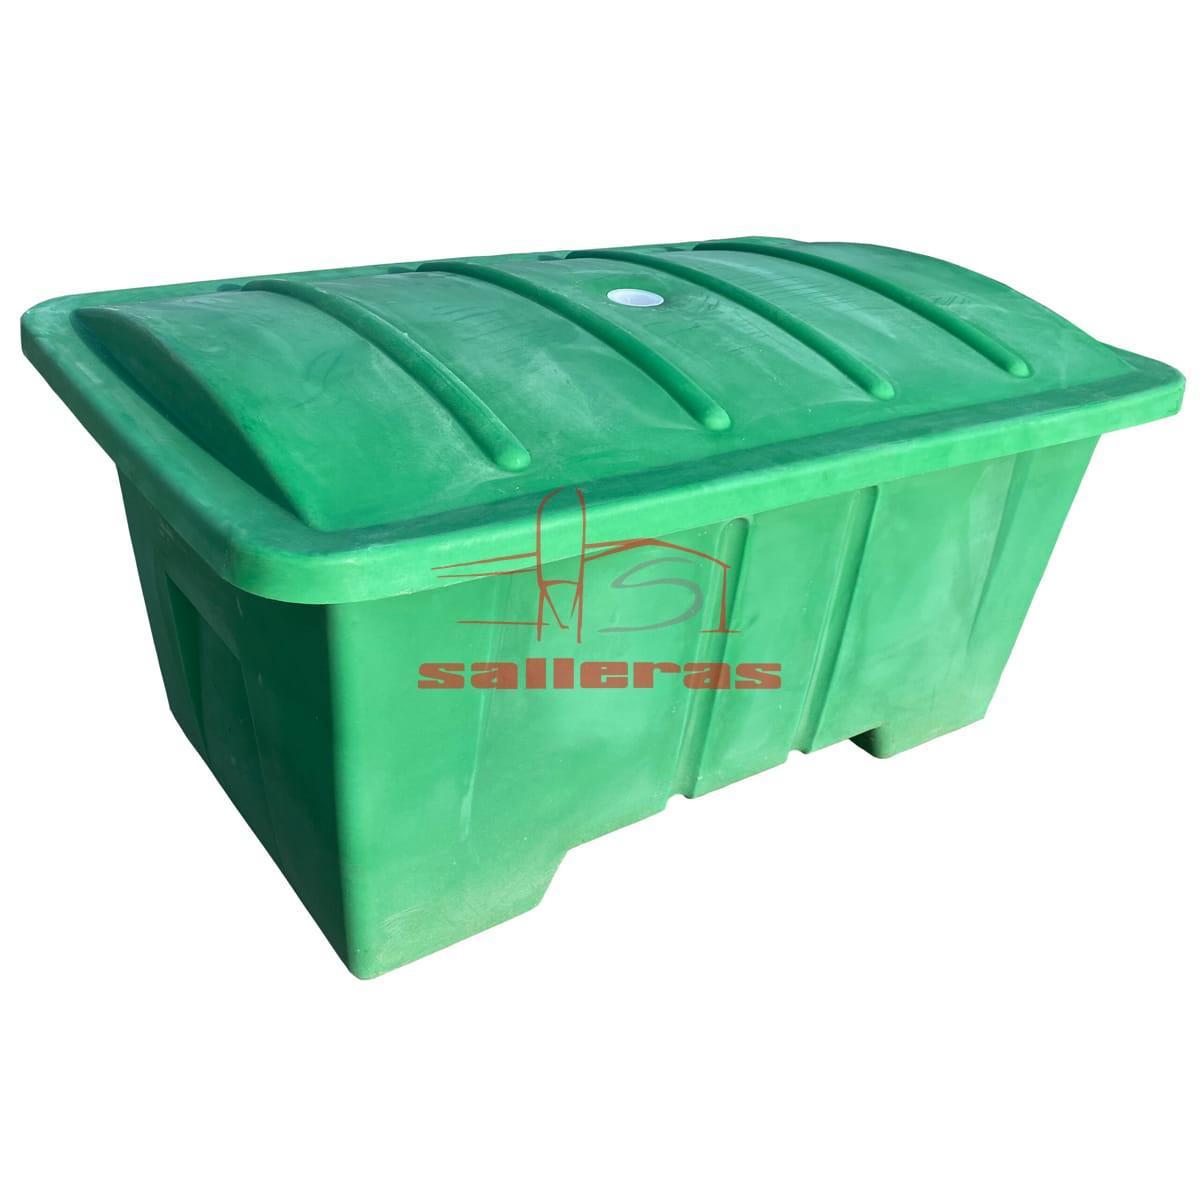 Cubeta con tapa verdes de contenedor de 950 litros